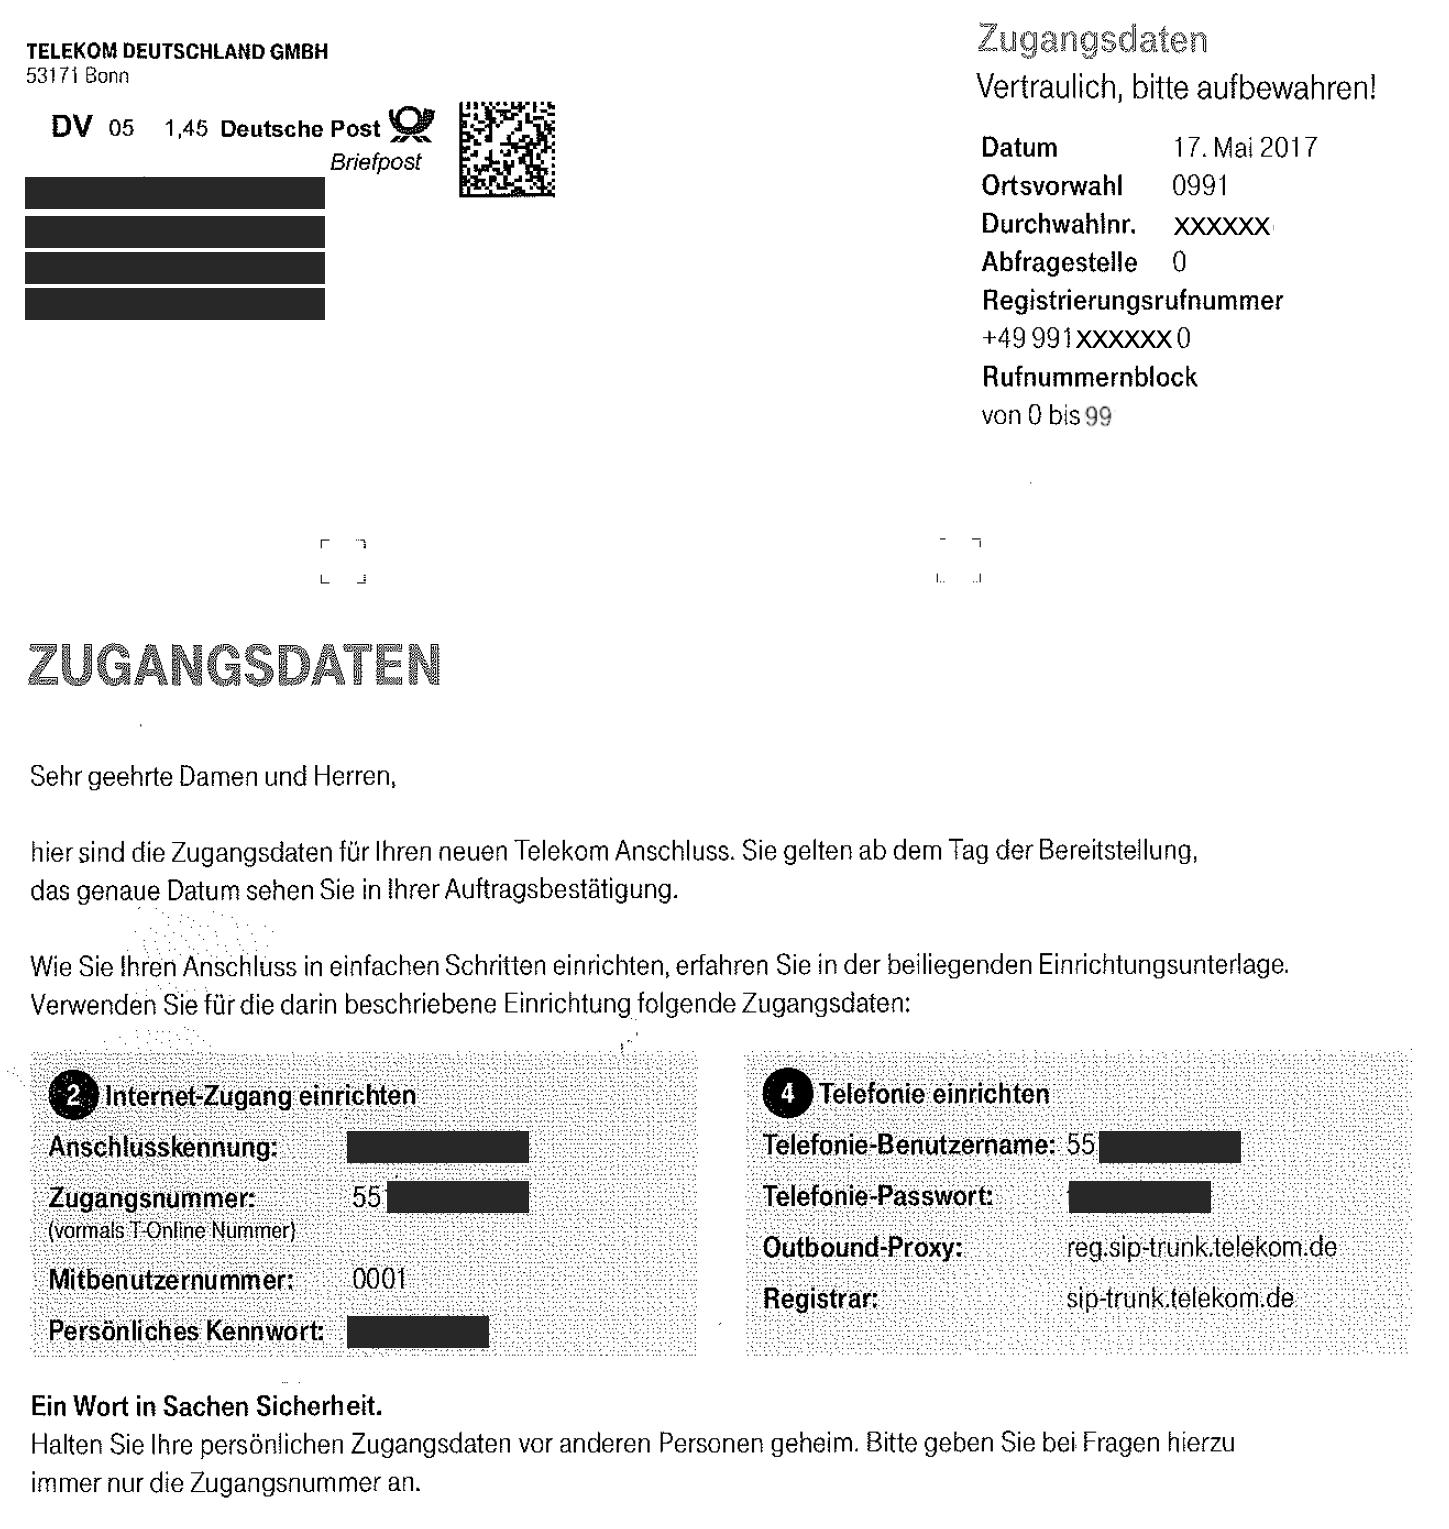 Deutsche Telekom Sip Trunk